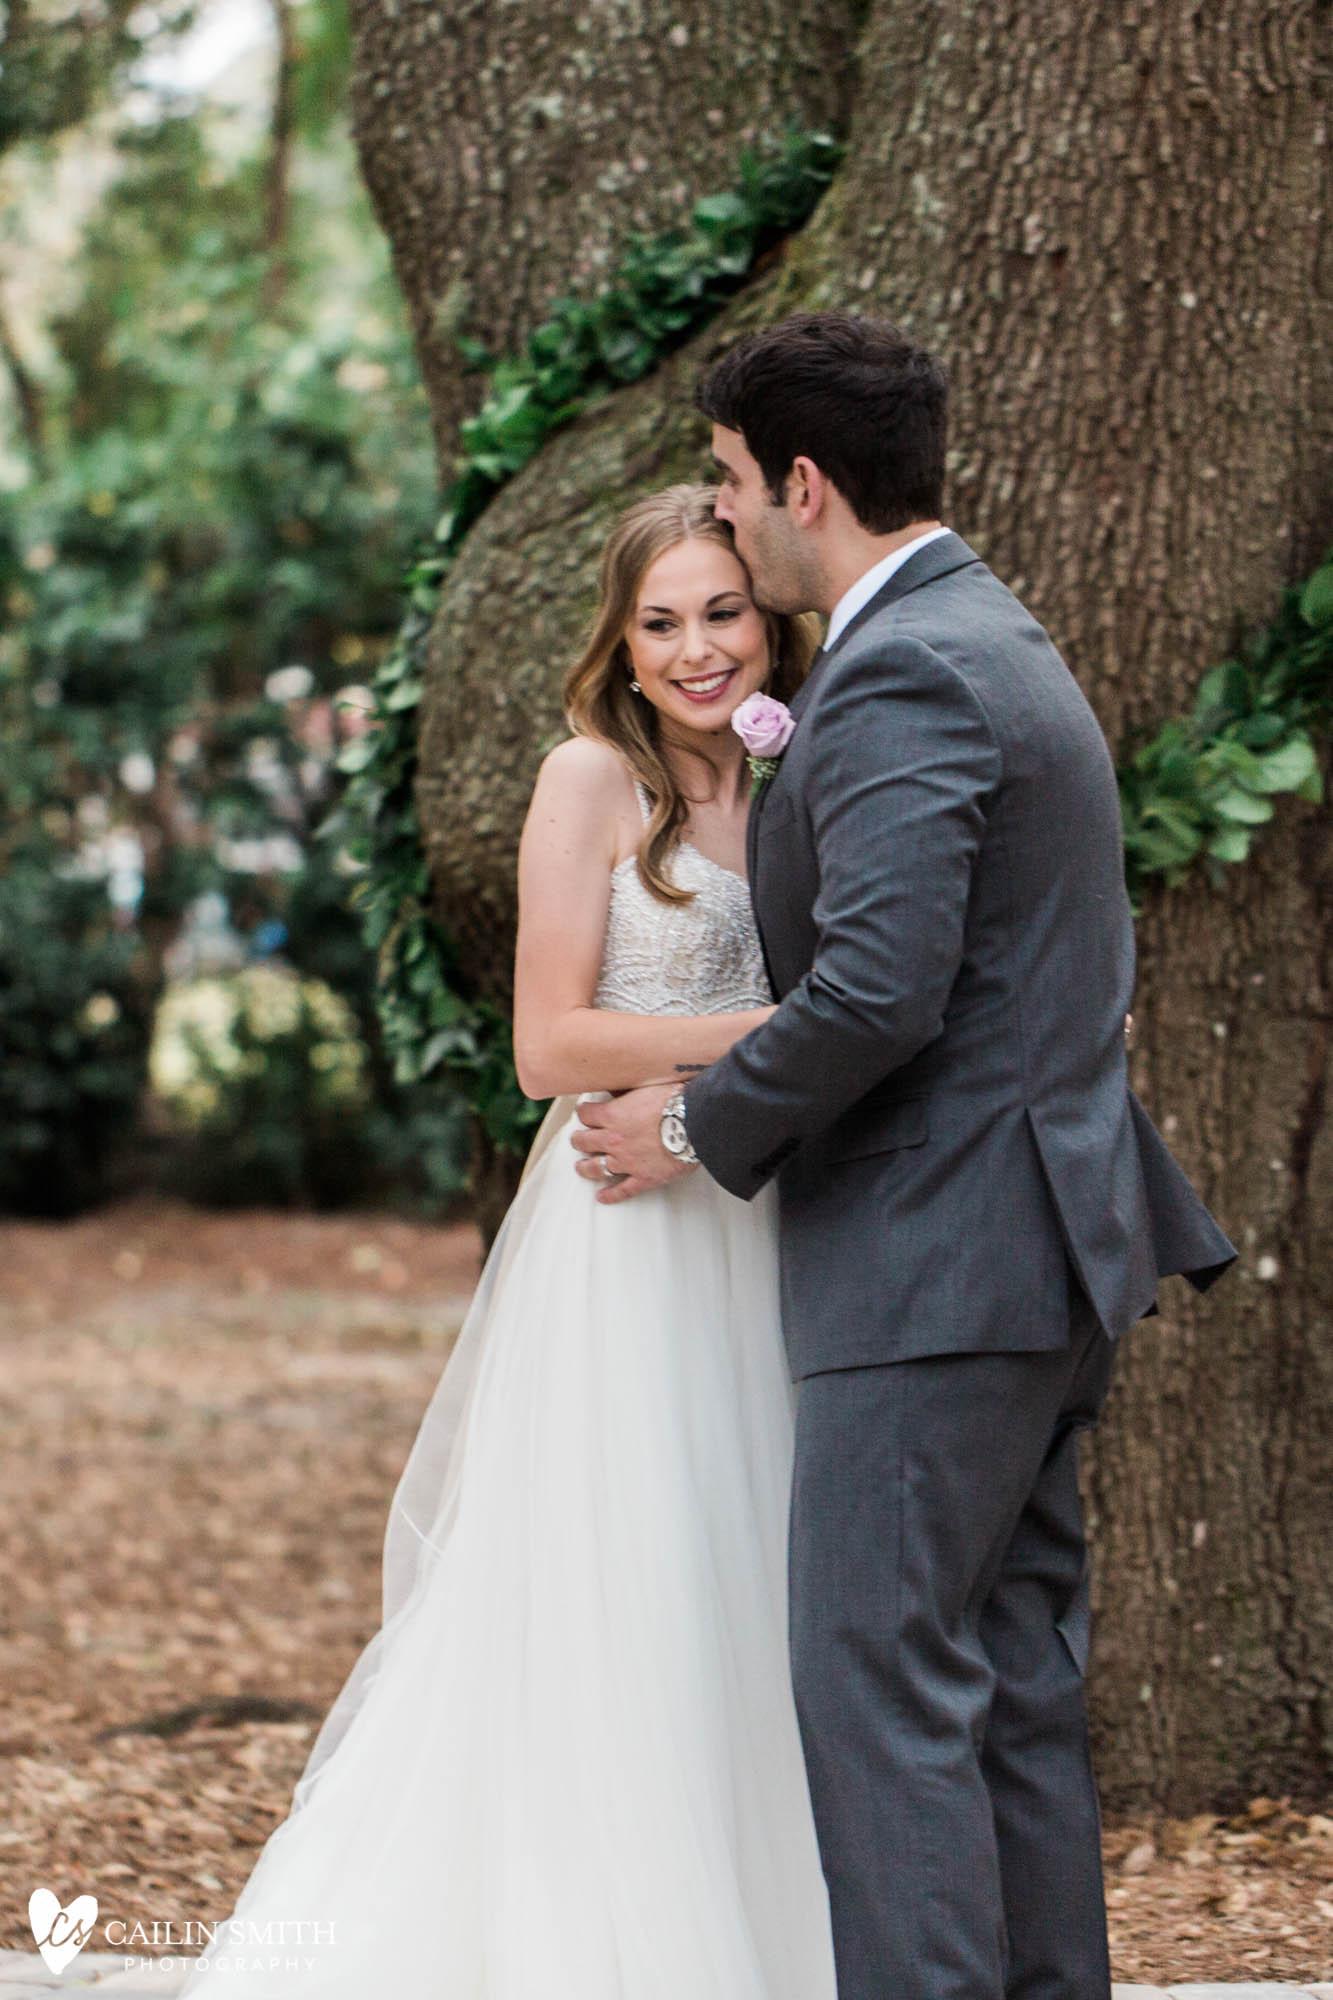 Sylvia_Anthony_Bowing_Oaks_Plantation_Wedding_Photography_0055.jpg